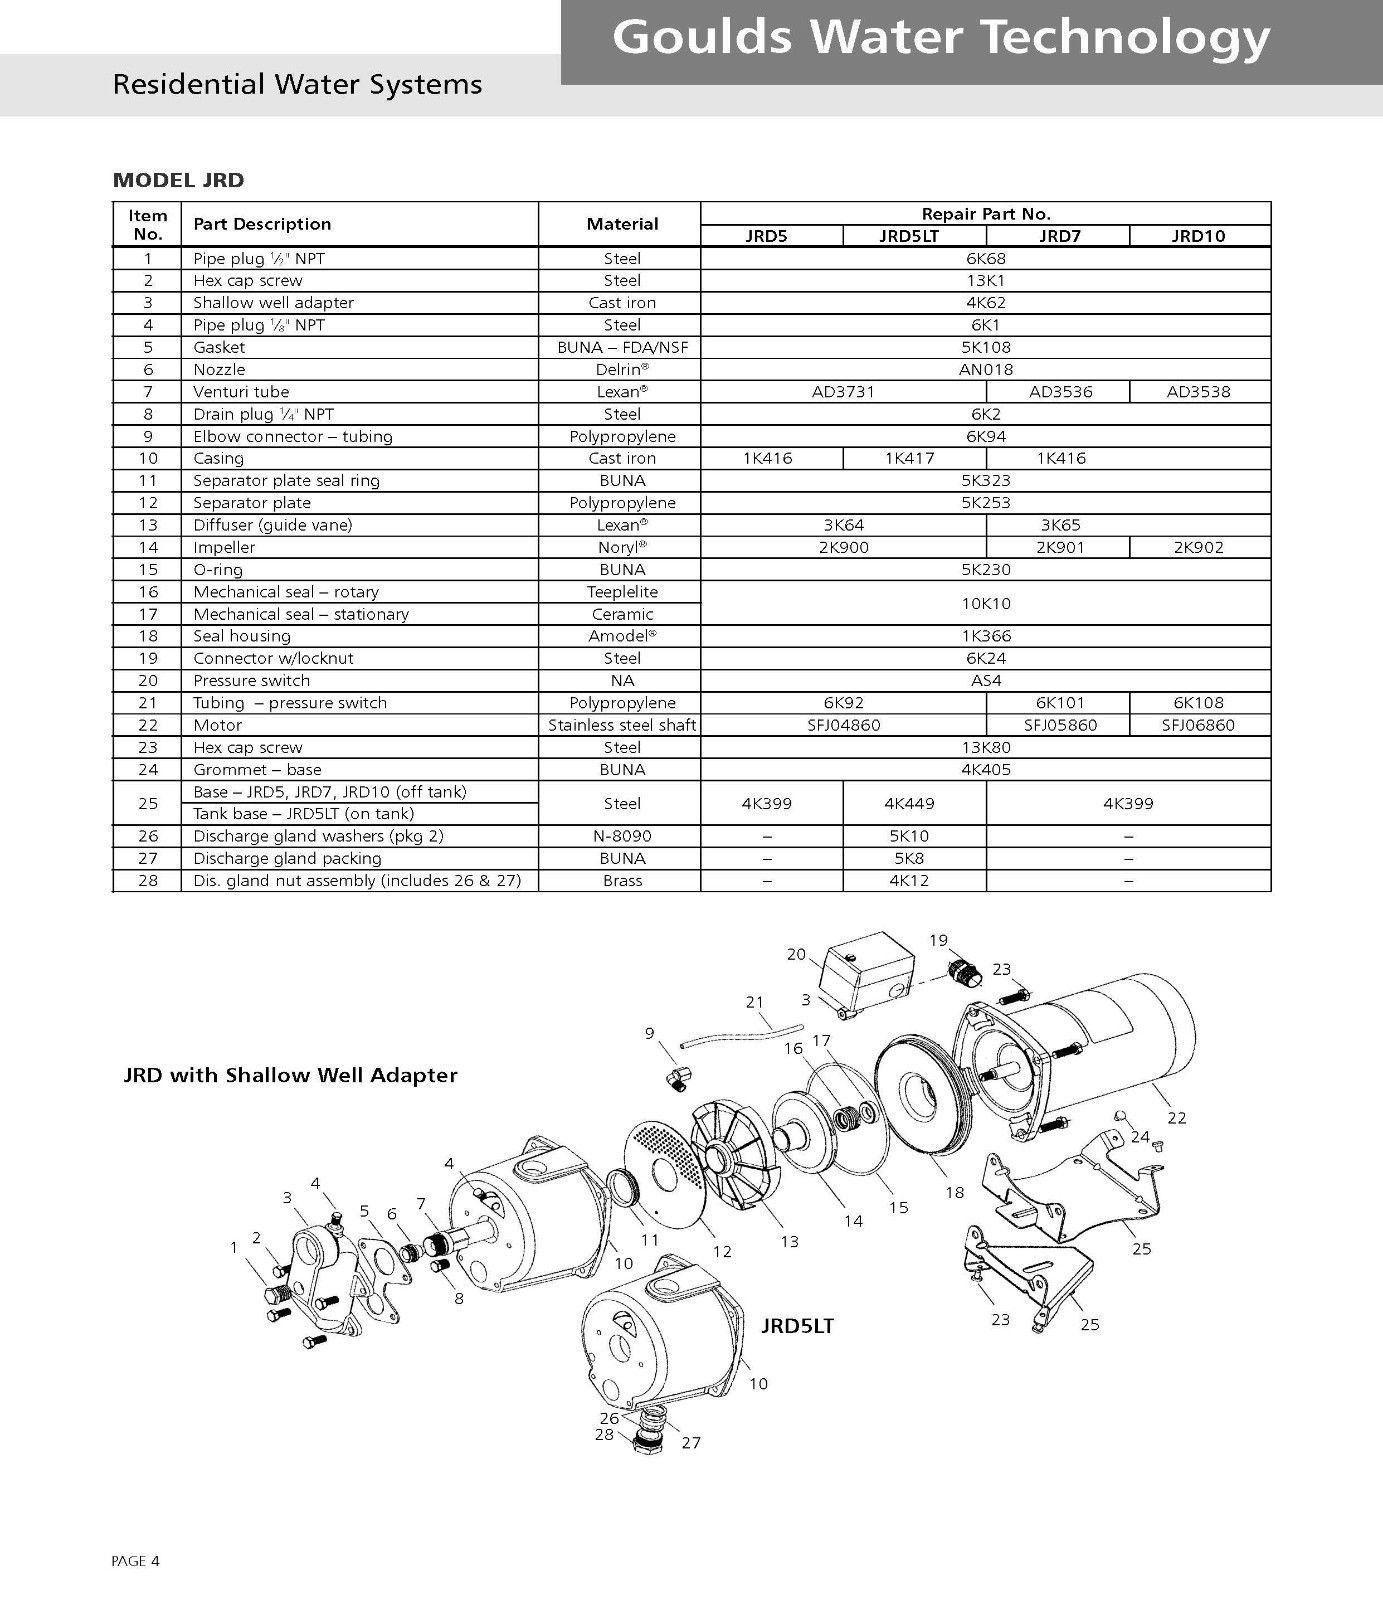 Repair Rebuild Kit for Goulds JRD10 JET Pump 1 HP [JRD10KIT